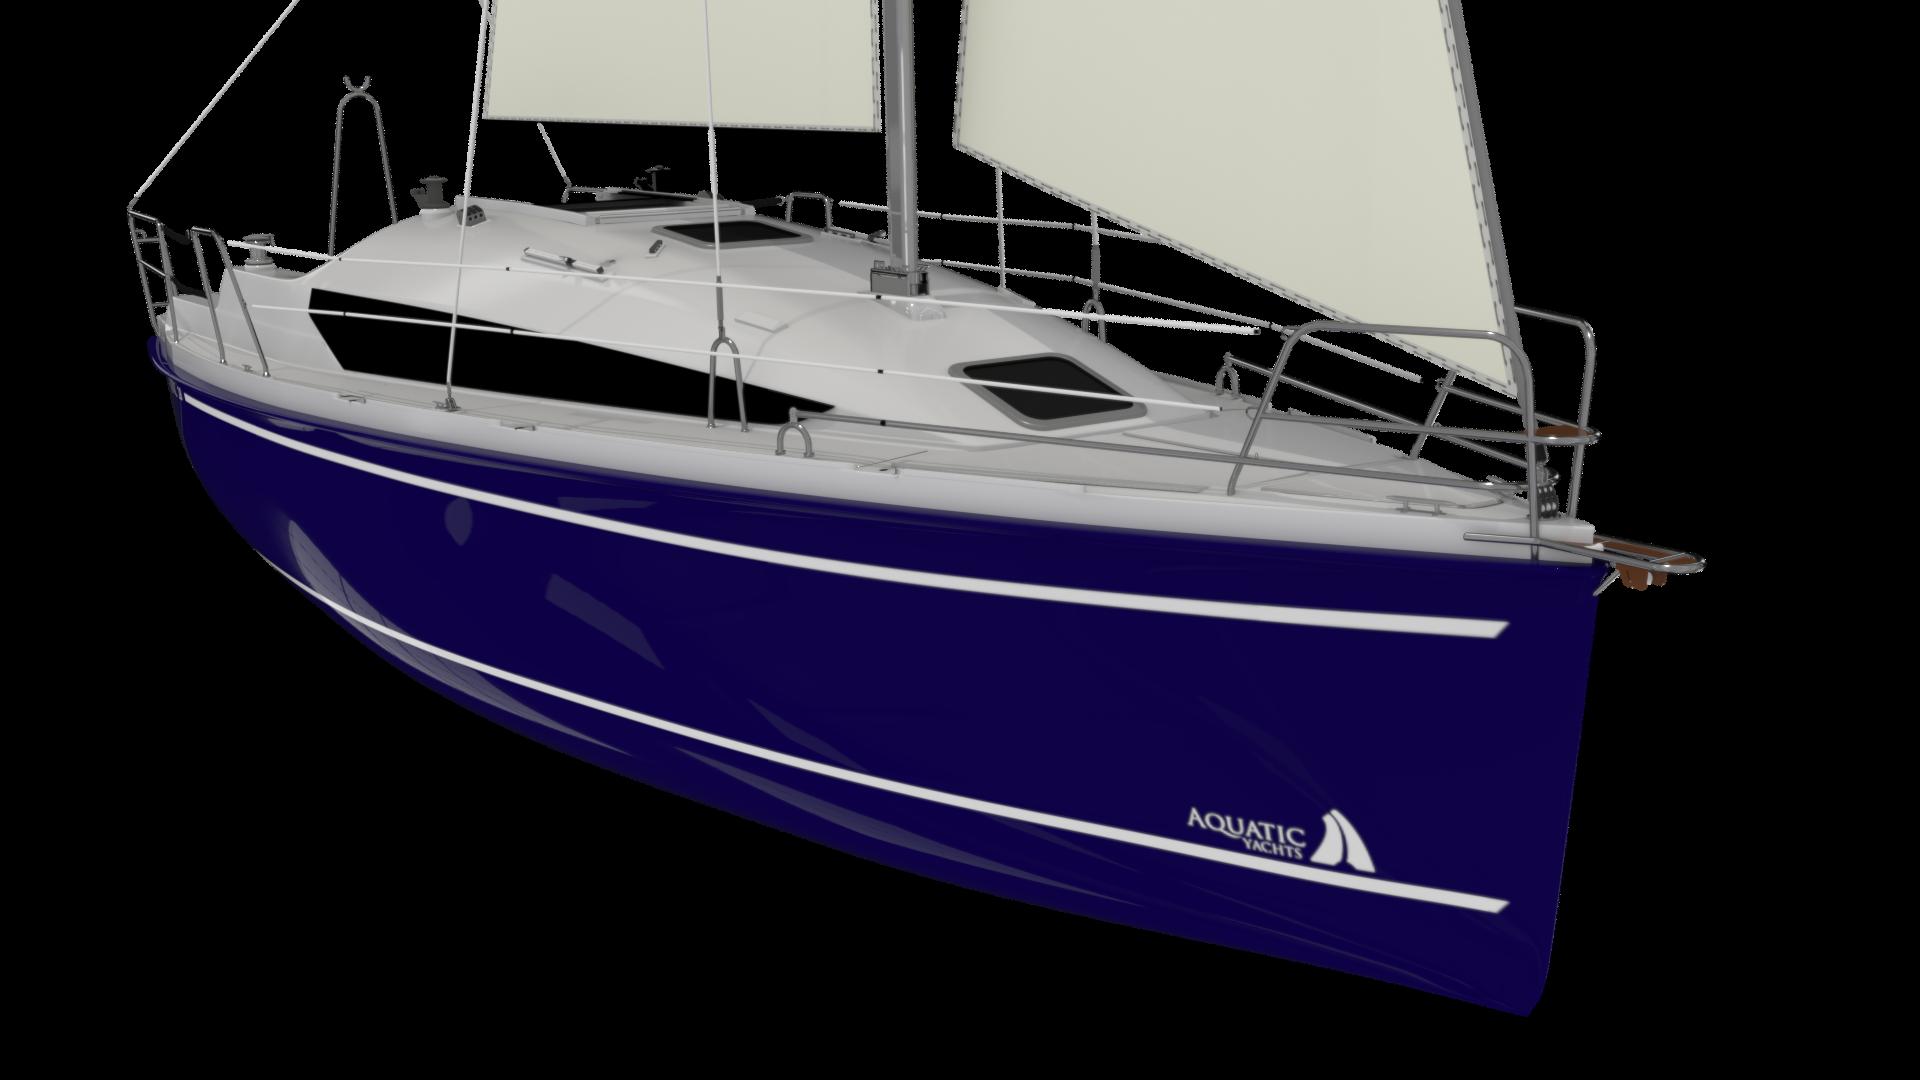 Aquatic 28